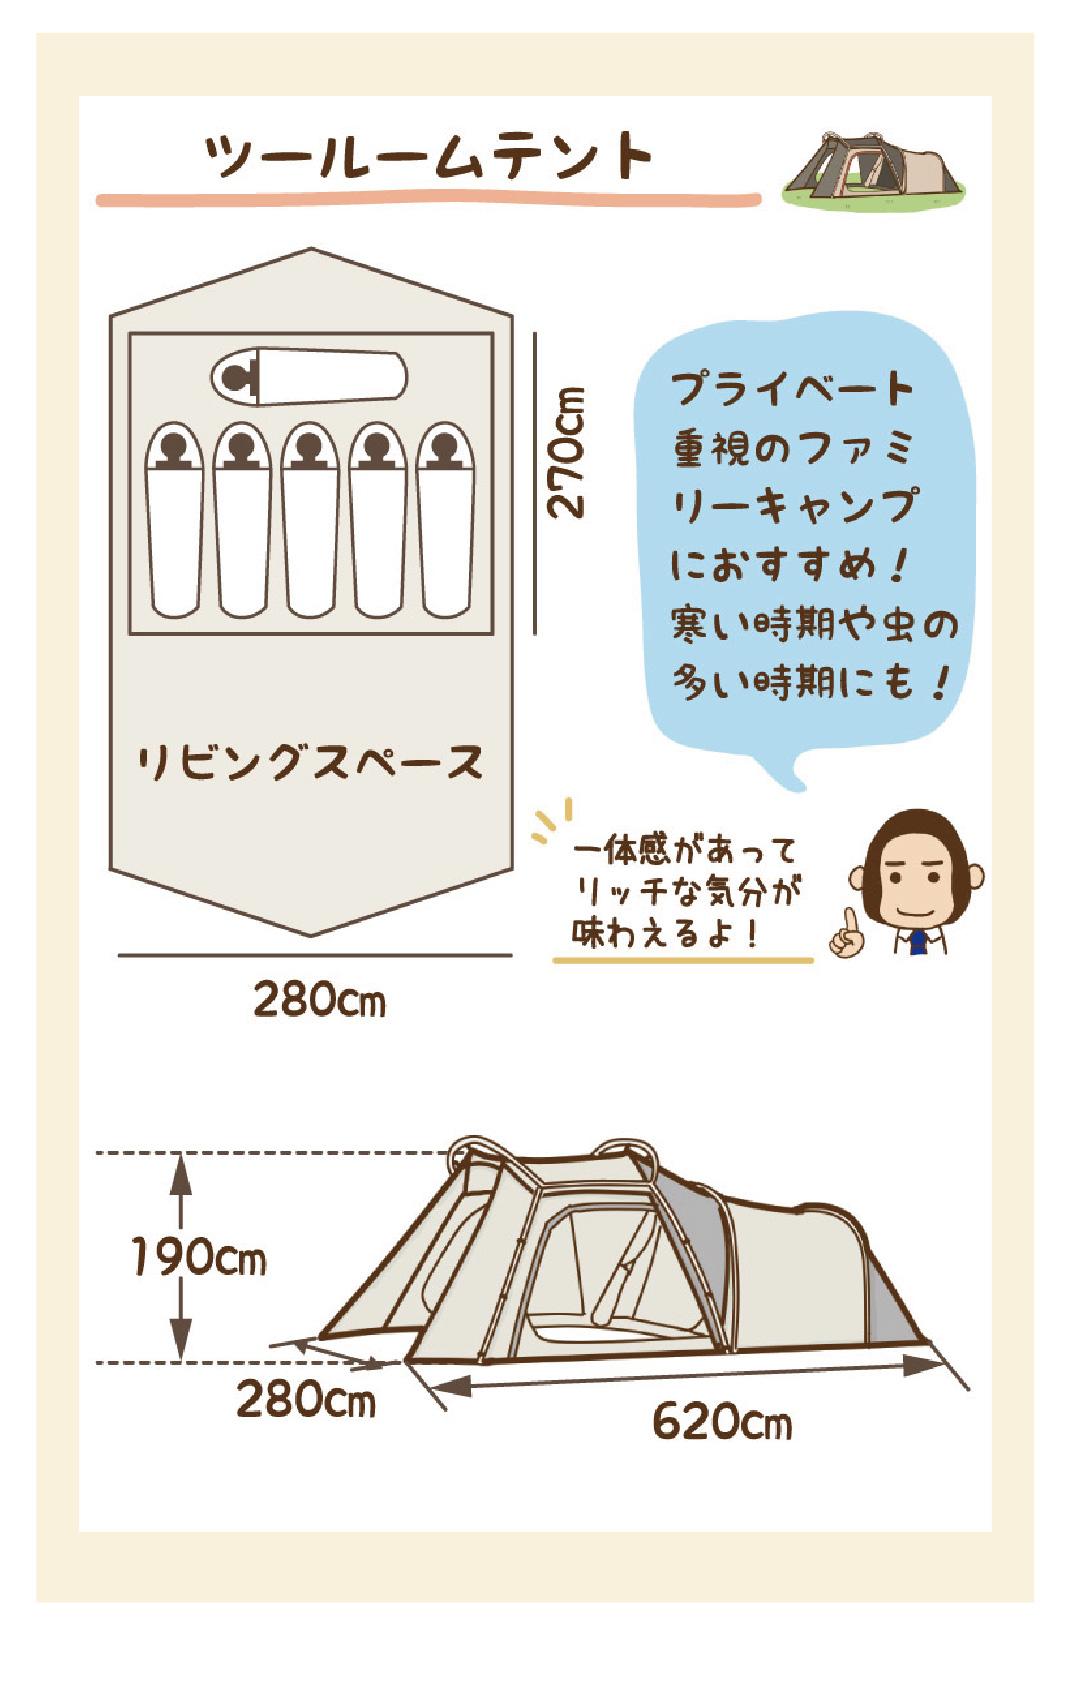 ツールームテント